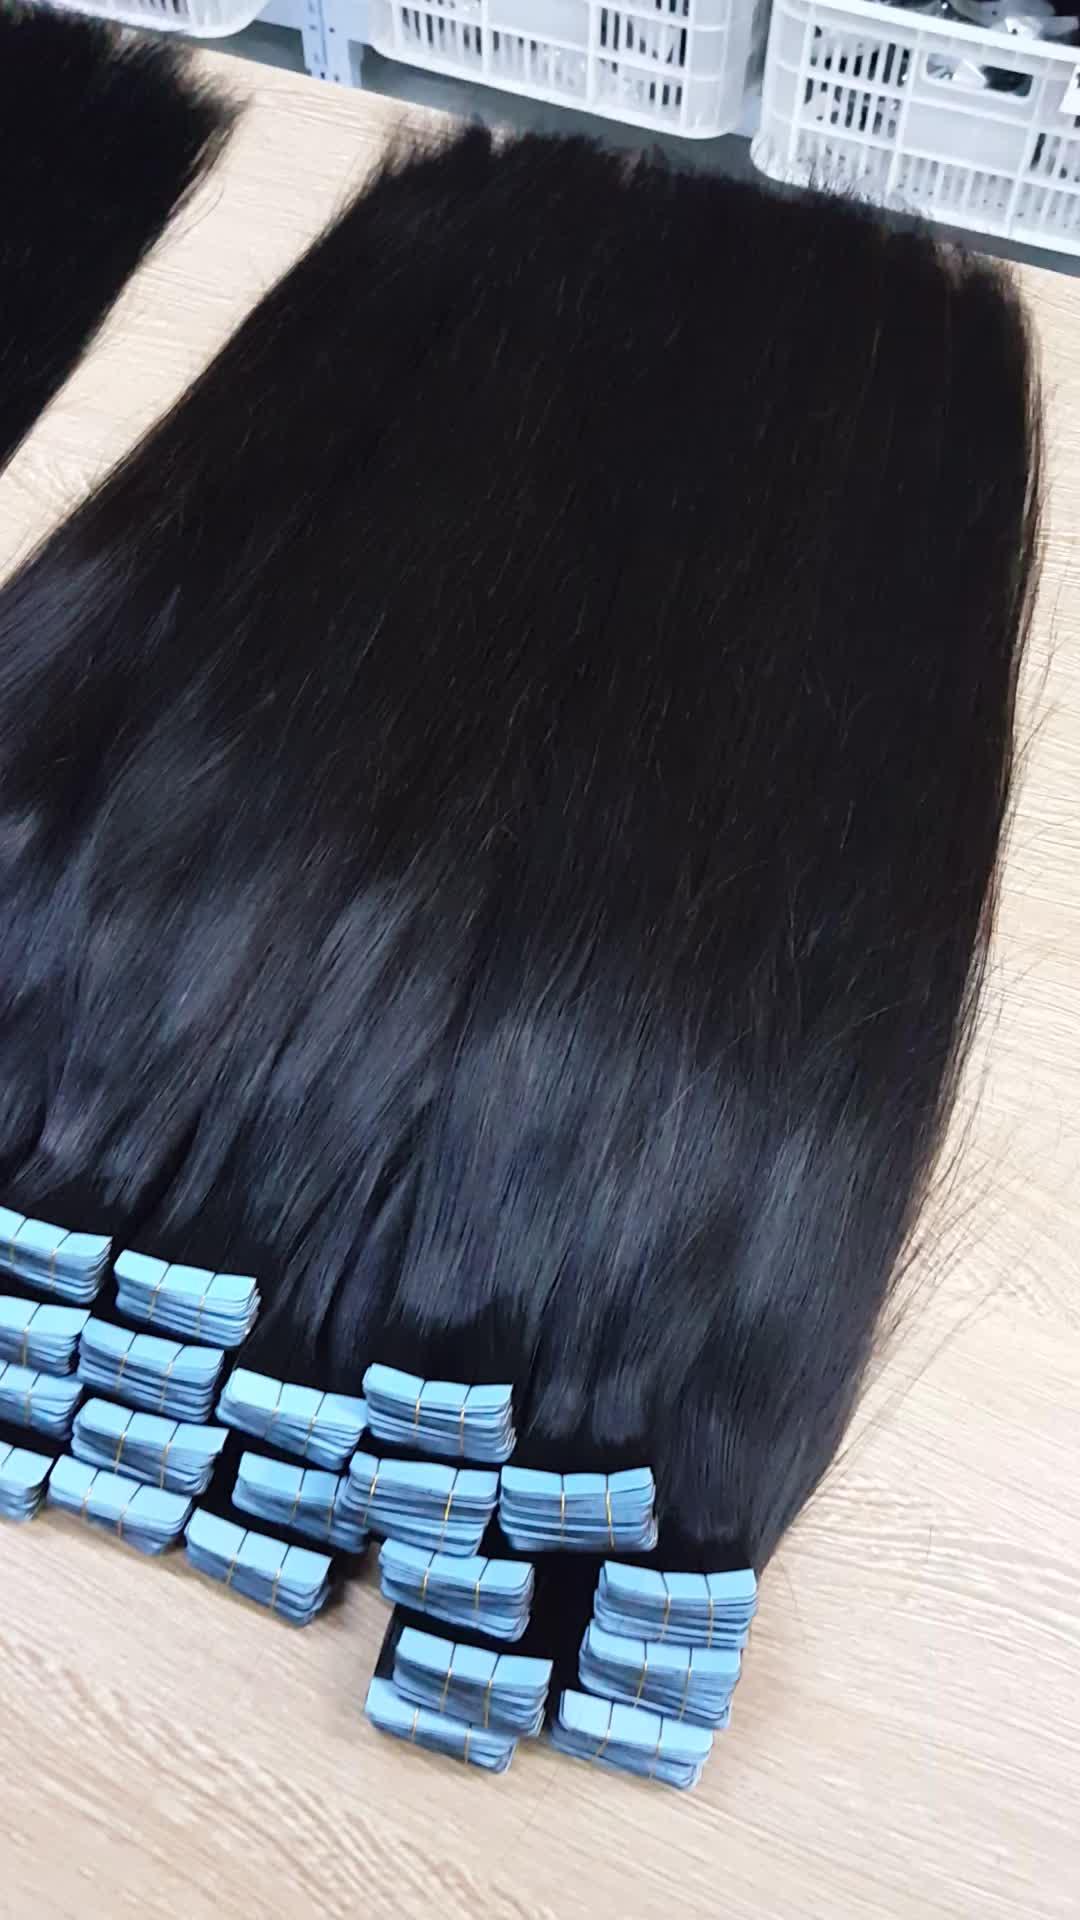 नए उत्पादों कोई बहा त्वचा कपड़ा रूसी नि: शुल्क शिपिंग बाल 100% रेमी मानव बाल टेप बाल विस्तार